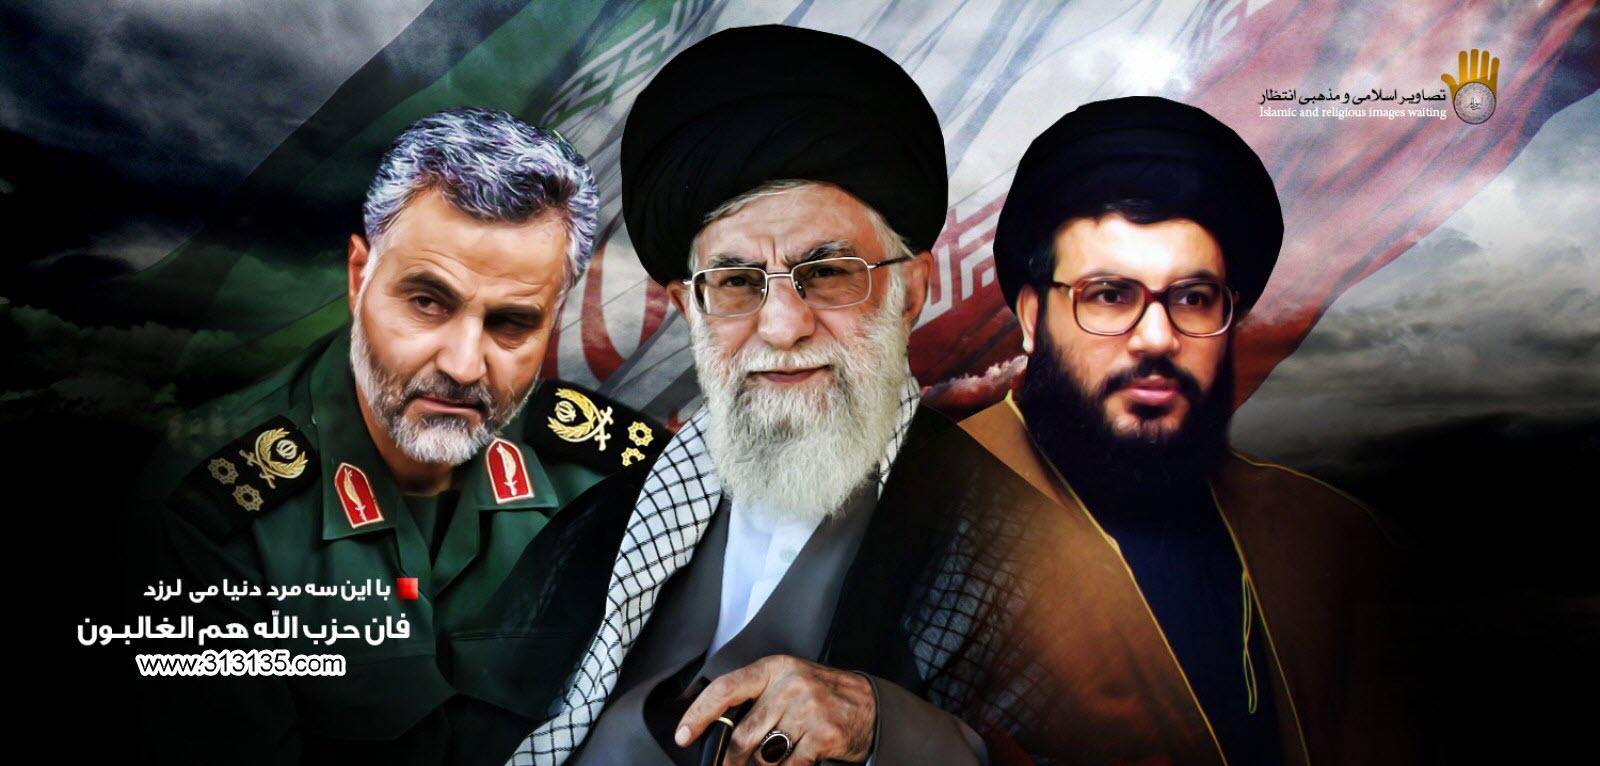 با این سه مرد دنیا می لرزد